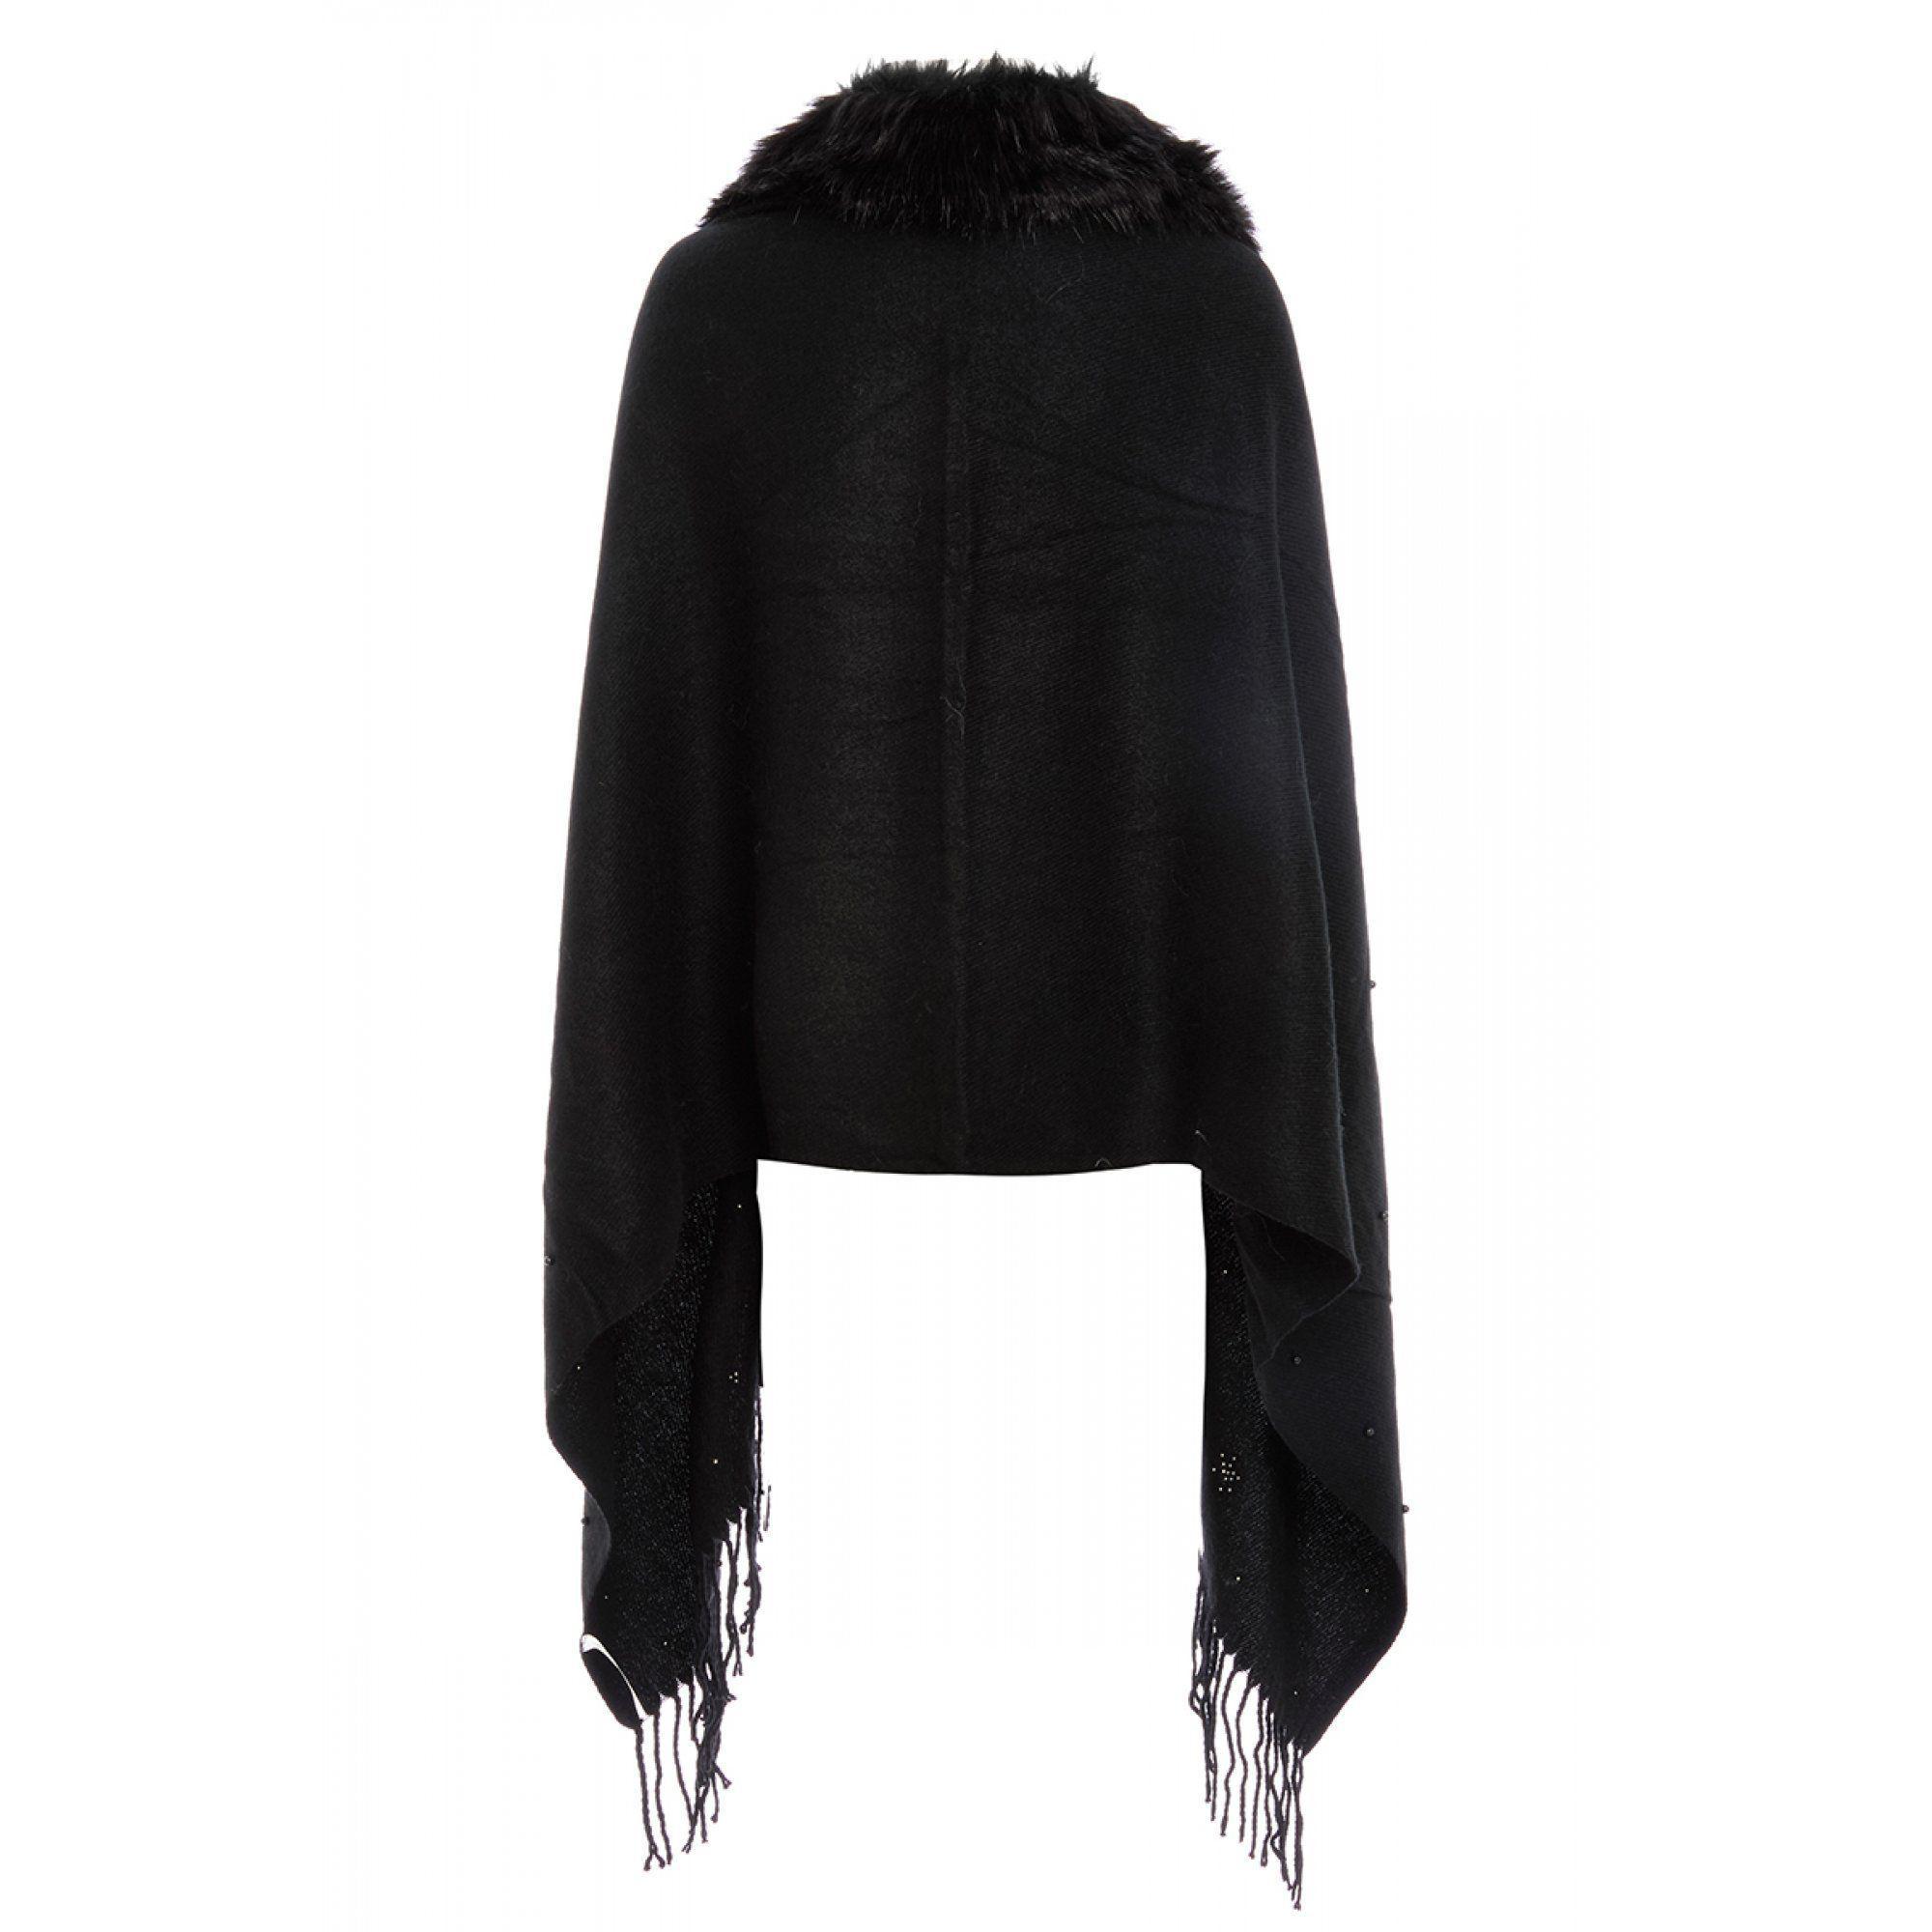 4ec7ad16ca38a Quiz - Black Pearl Faux Fur Trim Cape - Lyst. View fullscreen